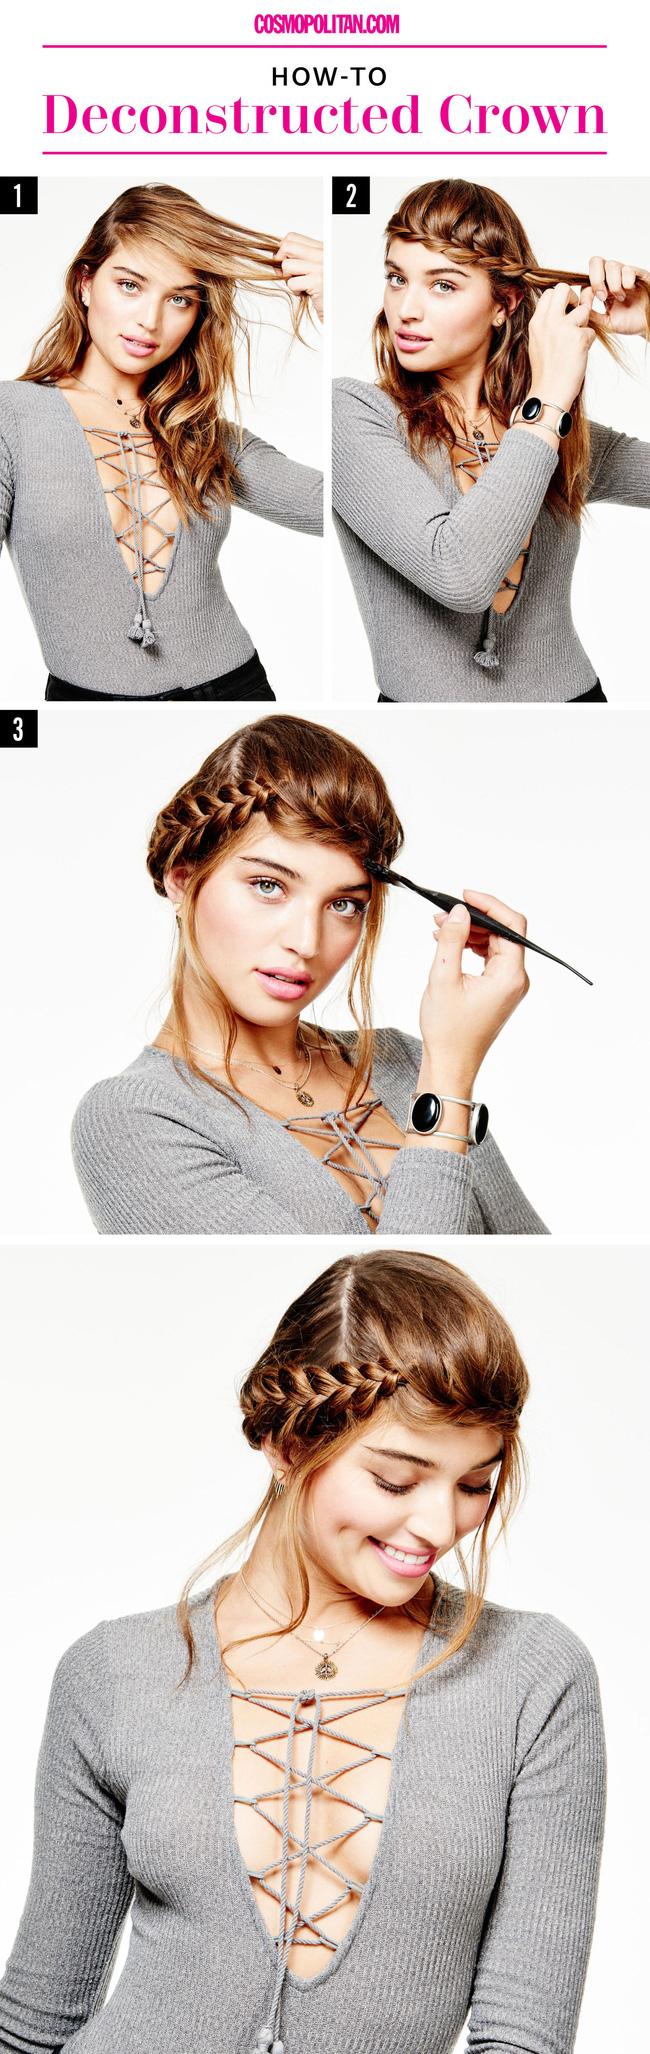 Các bước đơn giản để thực hiện 3 kiểu tóc tết đẹp cho ngày lễ thêm xinh đẹp